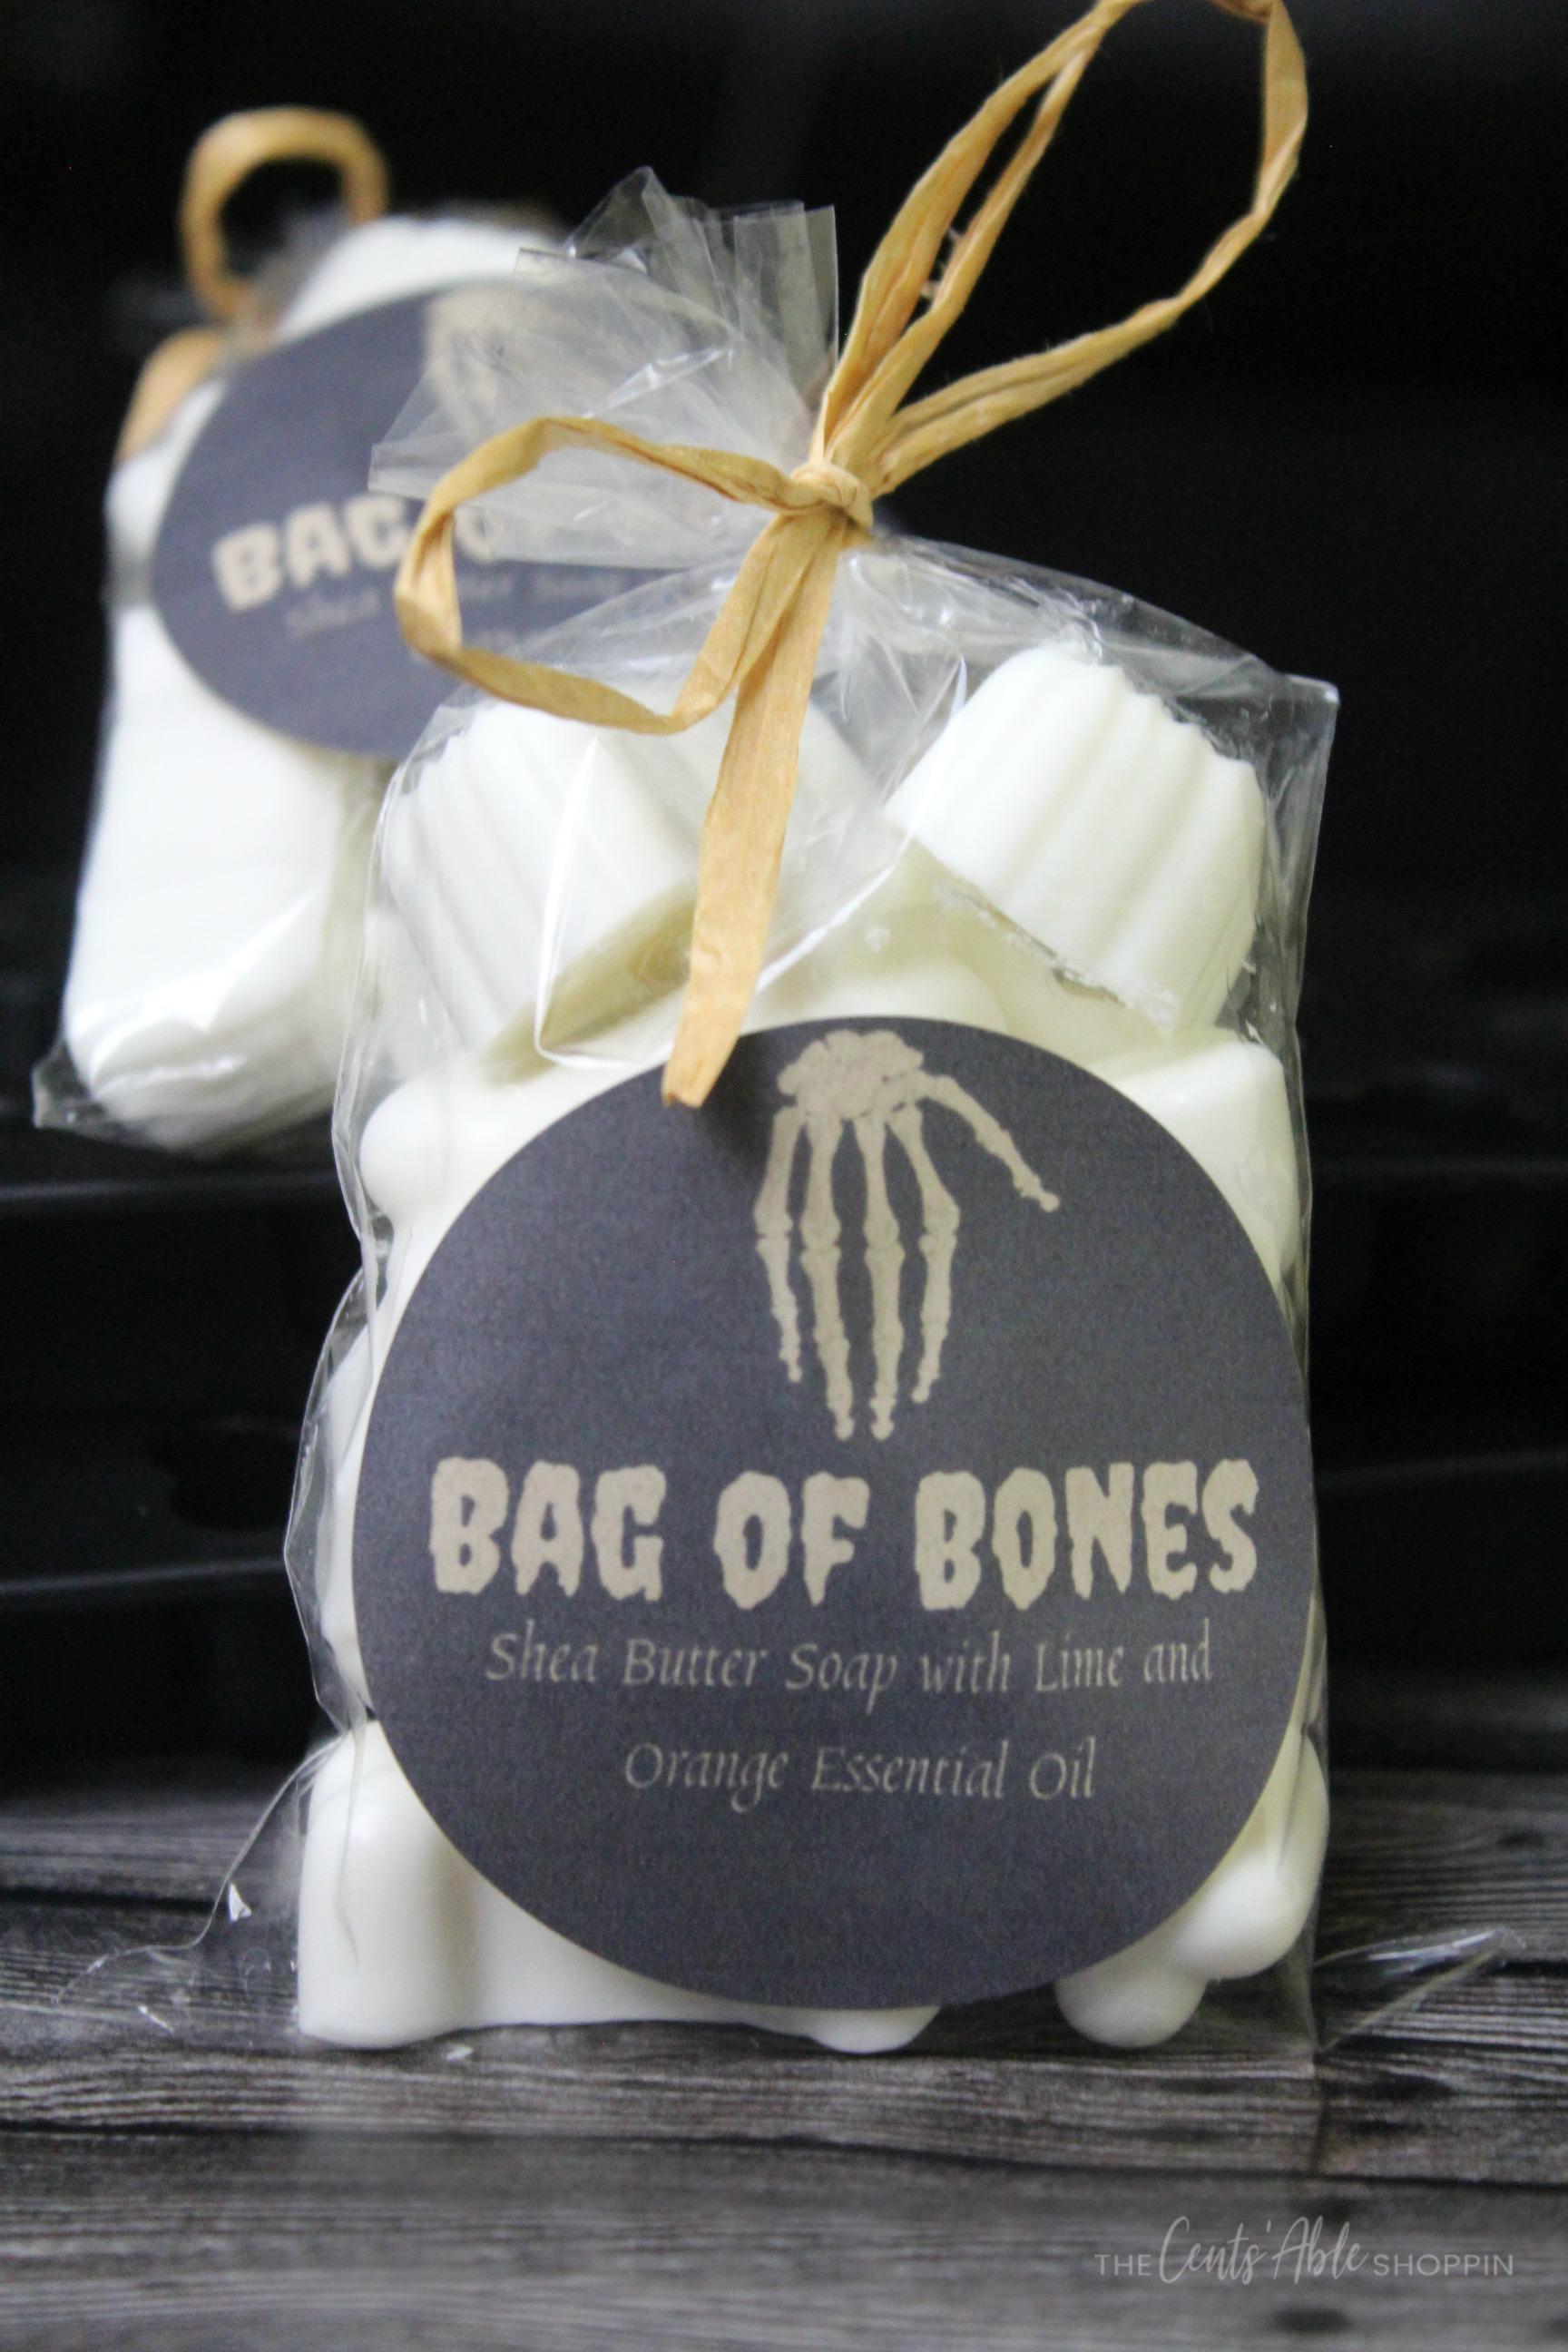 Bag of Bones Soap Favors